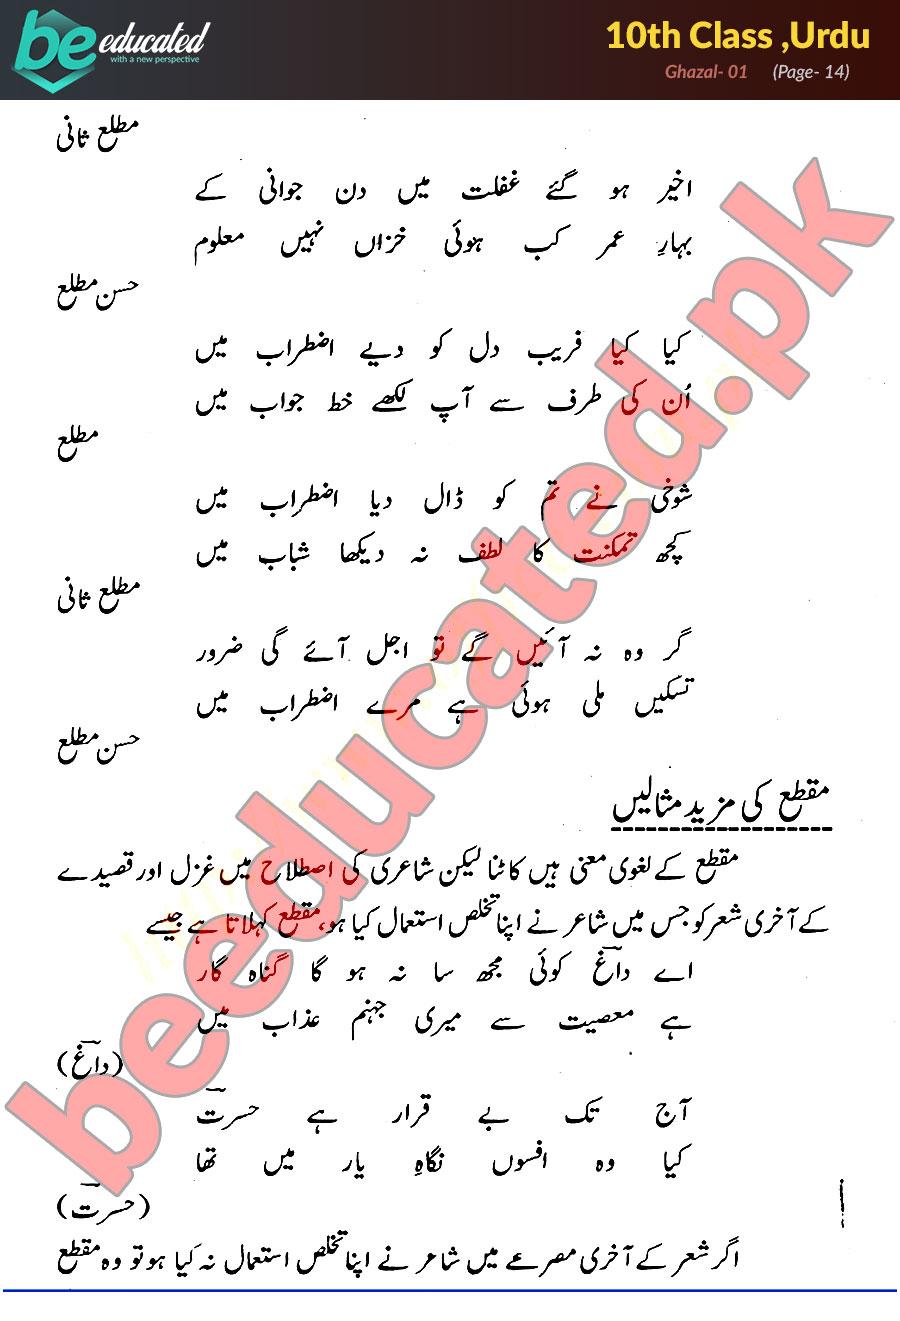 Ghazal 1 Urdu 10th Class Notes - Matric Part 2 Notes